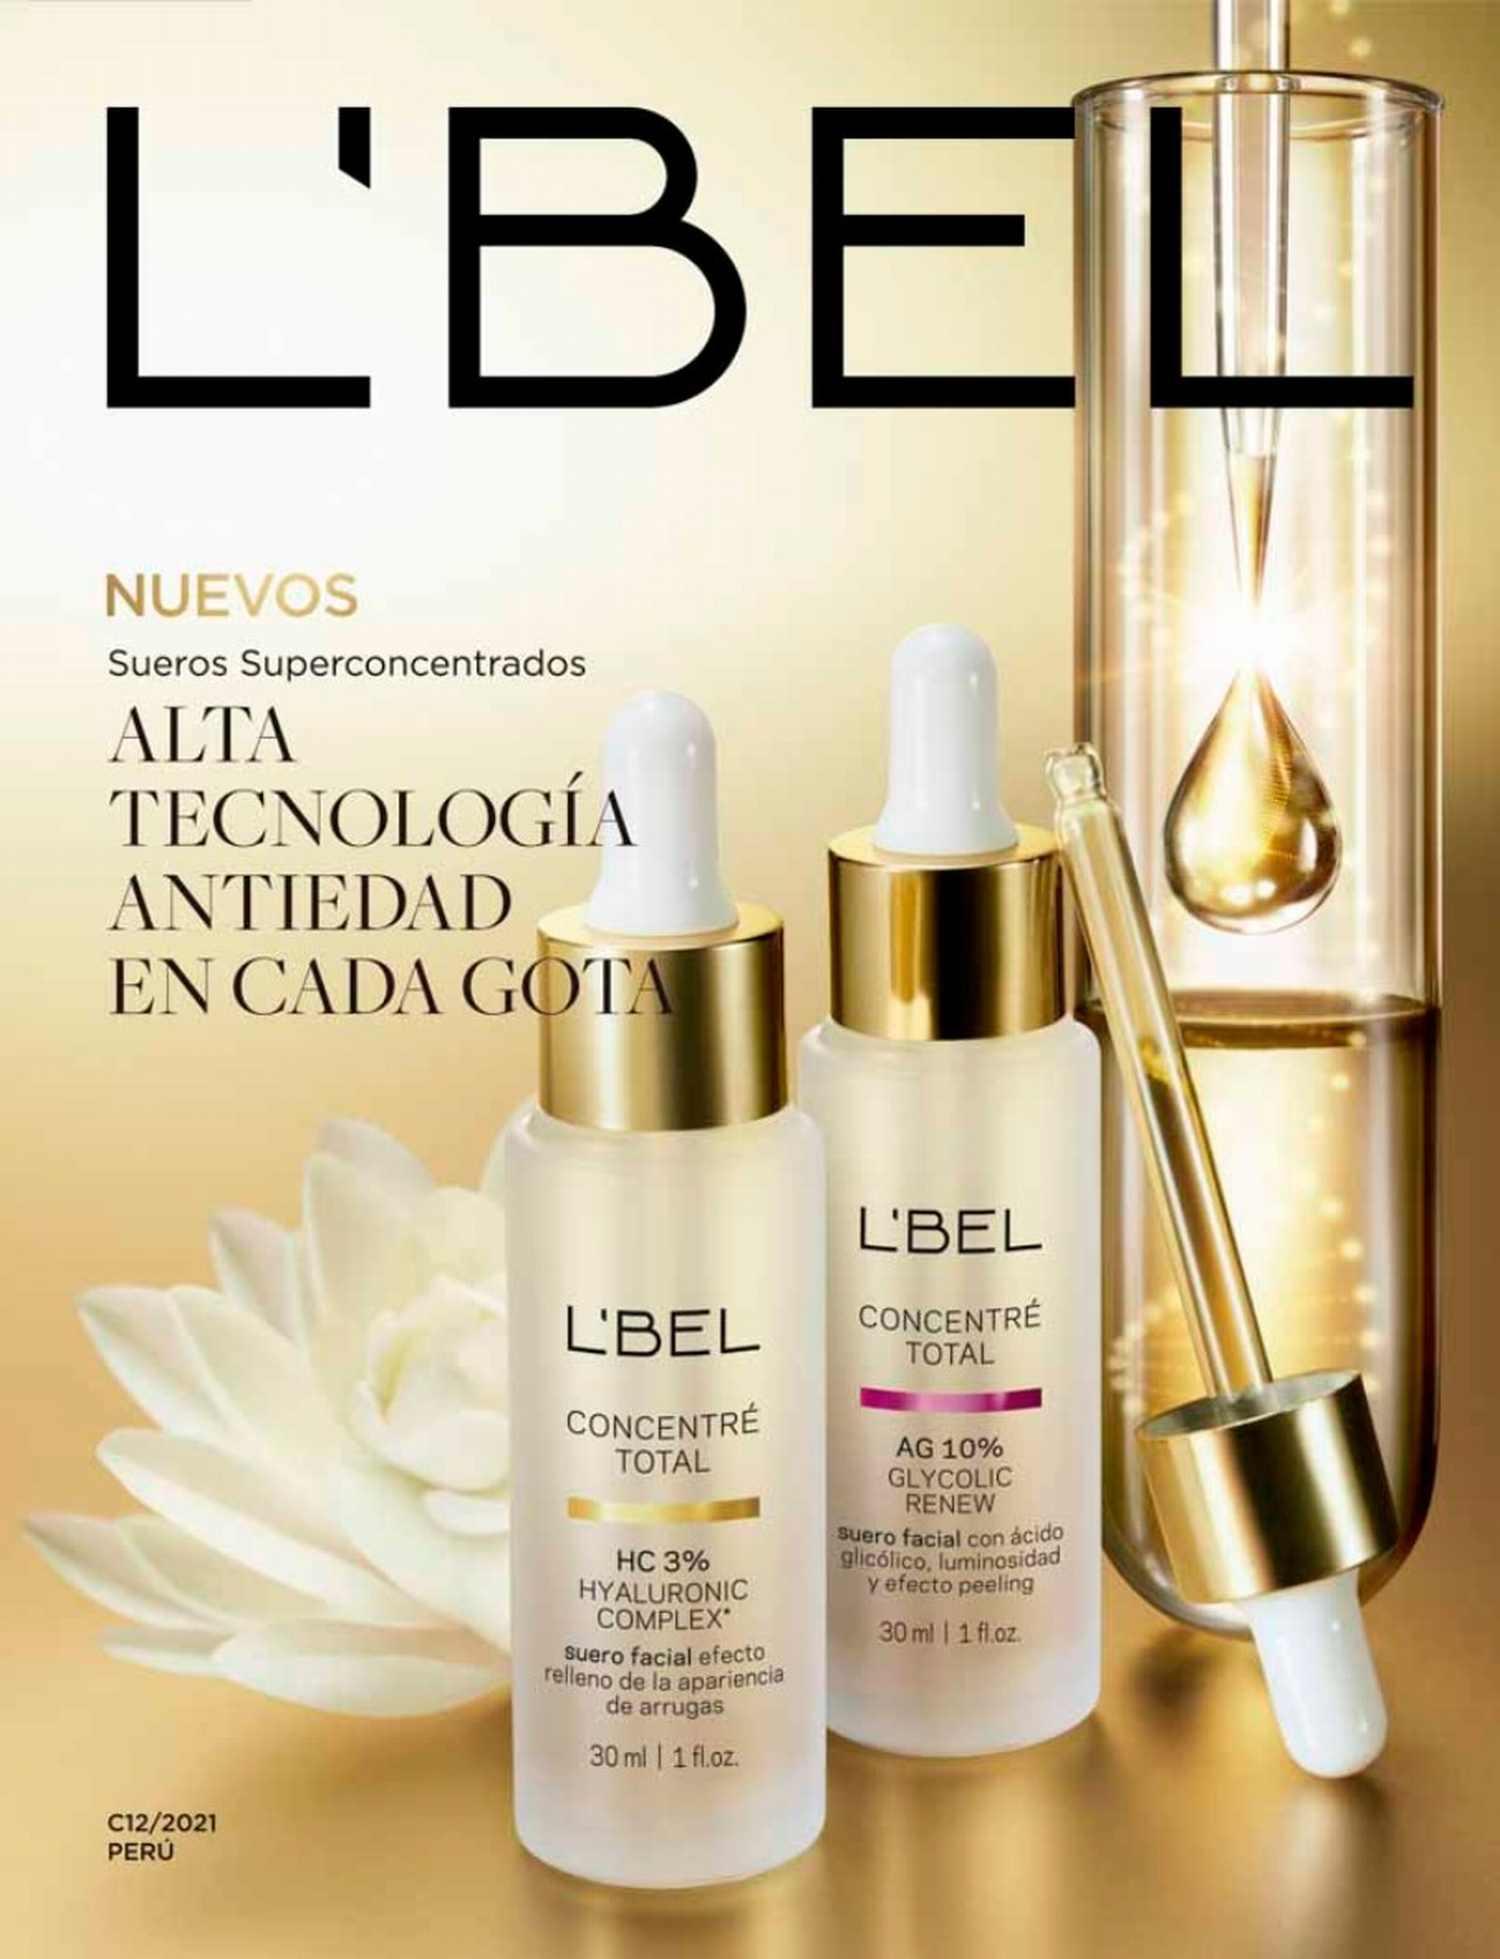 Catálogo L'bel Campaña 12 2021 Perú